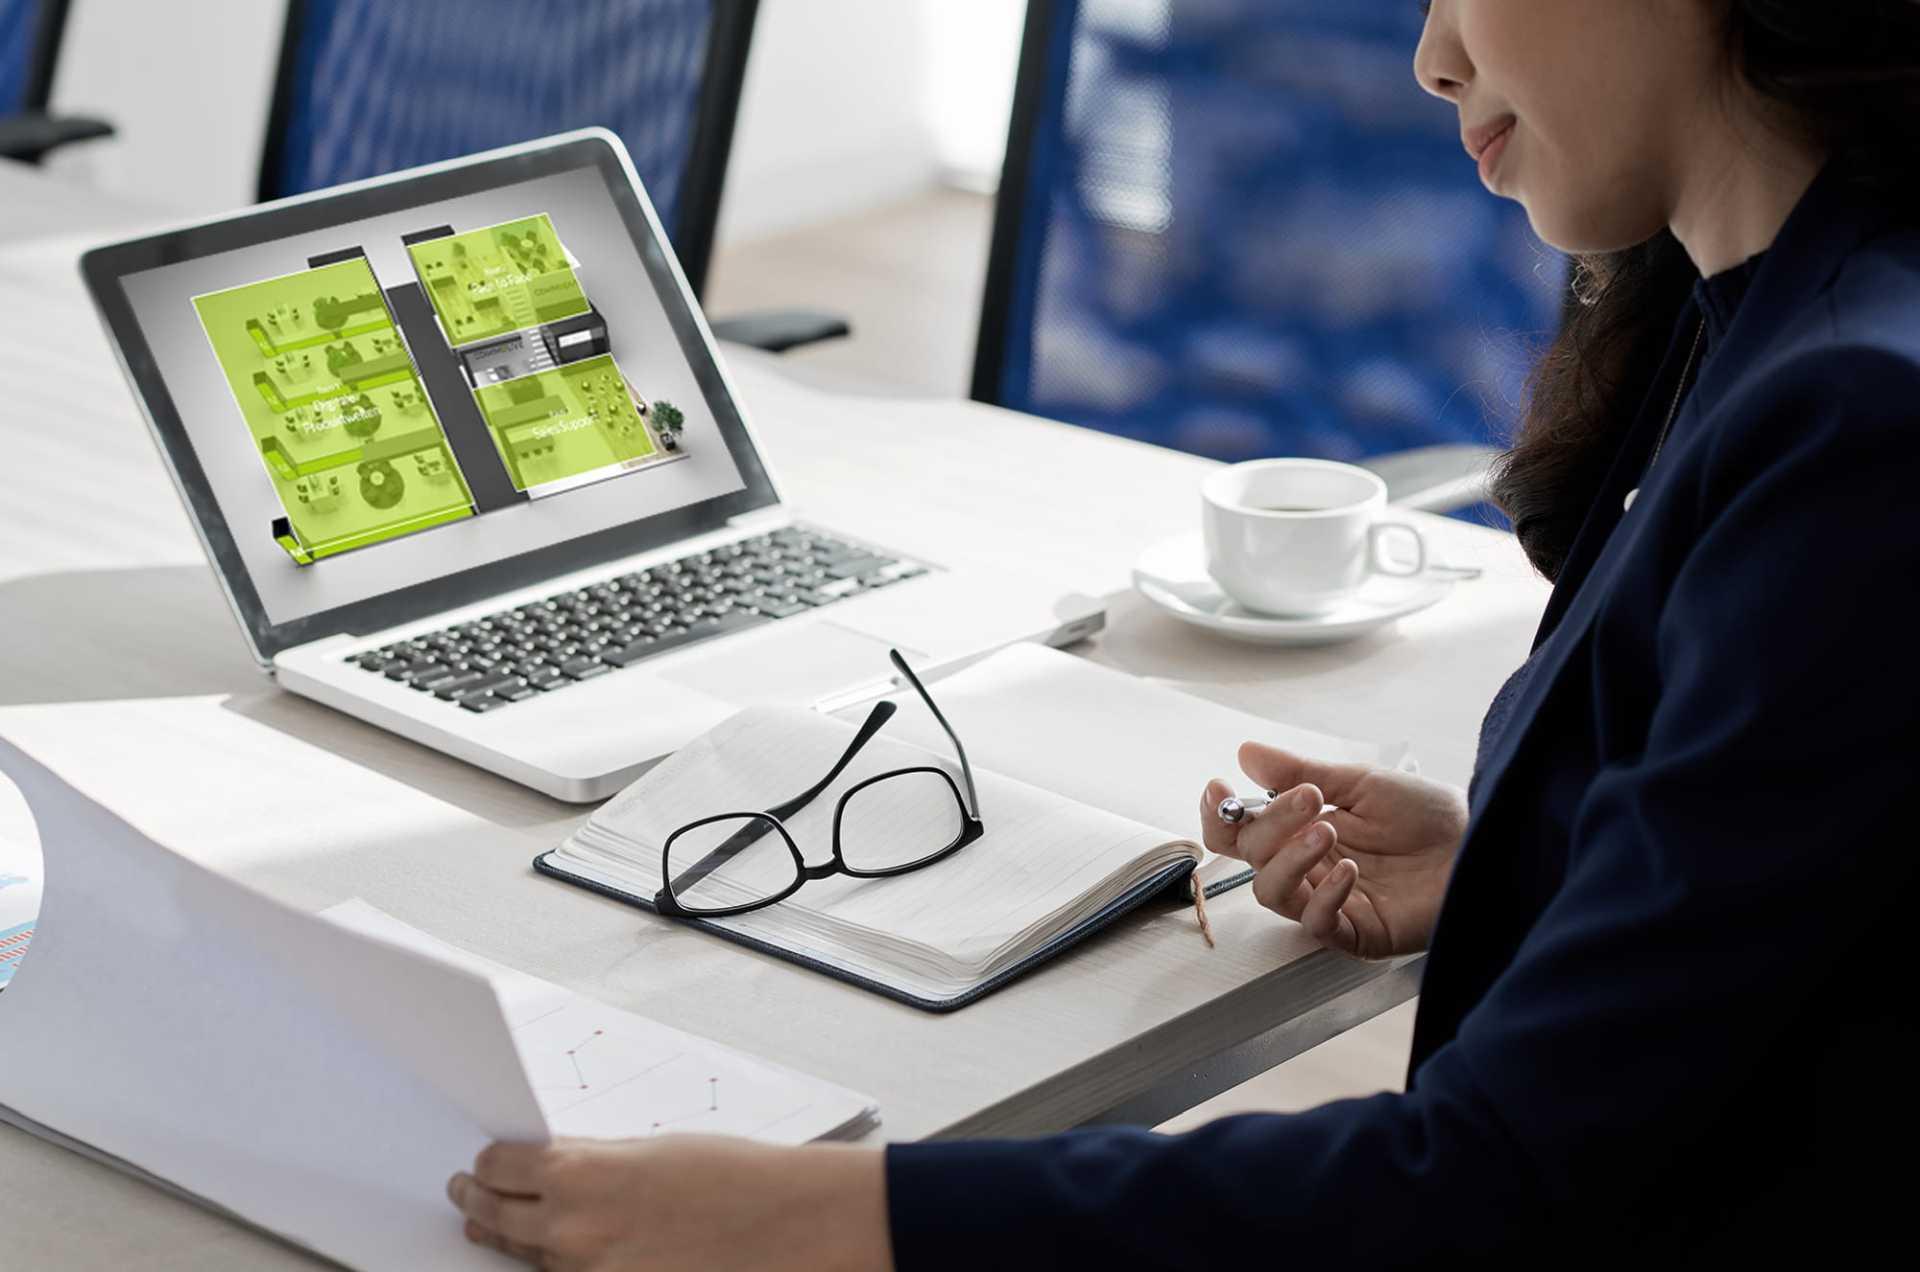 Digitaler Messestand von commalive auf einem Laptop.